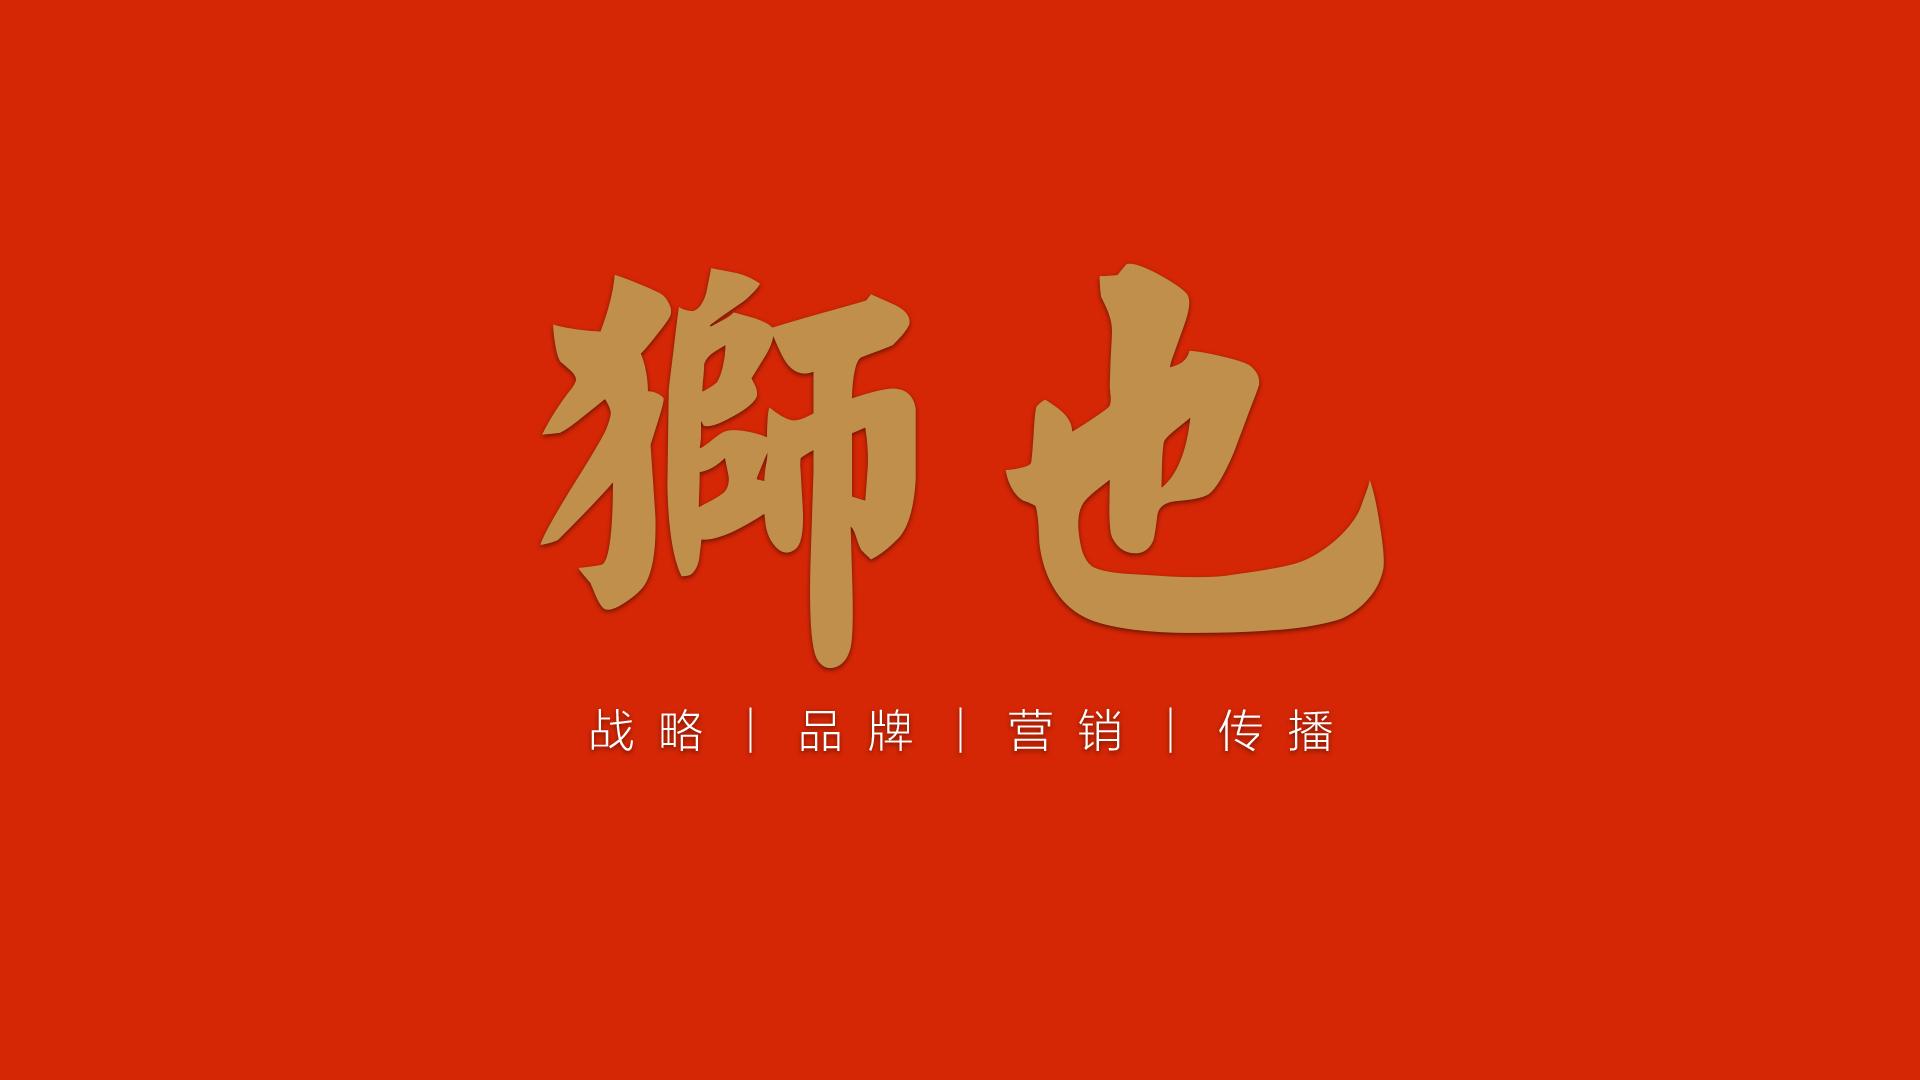 市场营销的发展前景—山东济南狮也战略品牌营销策划咨询顾问公司